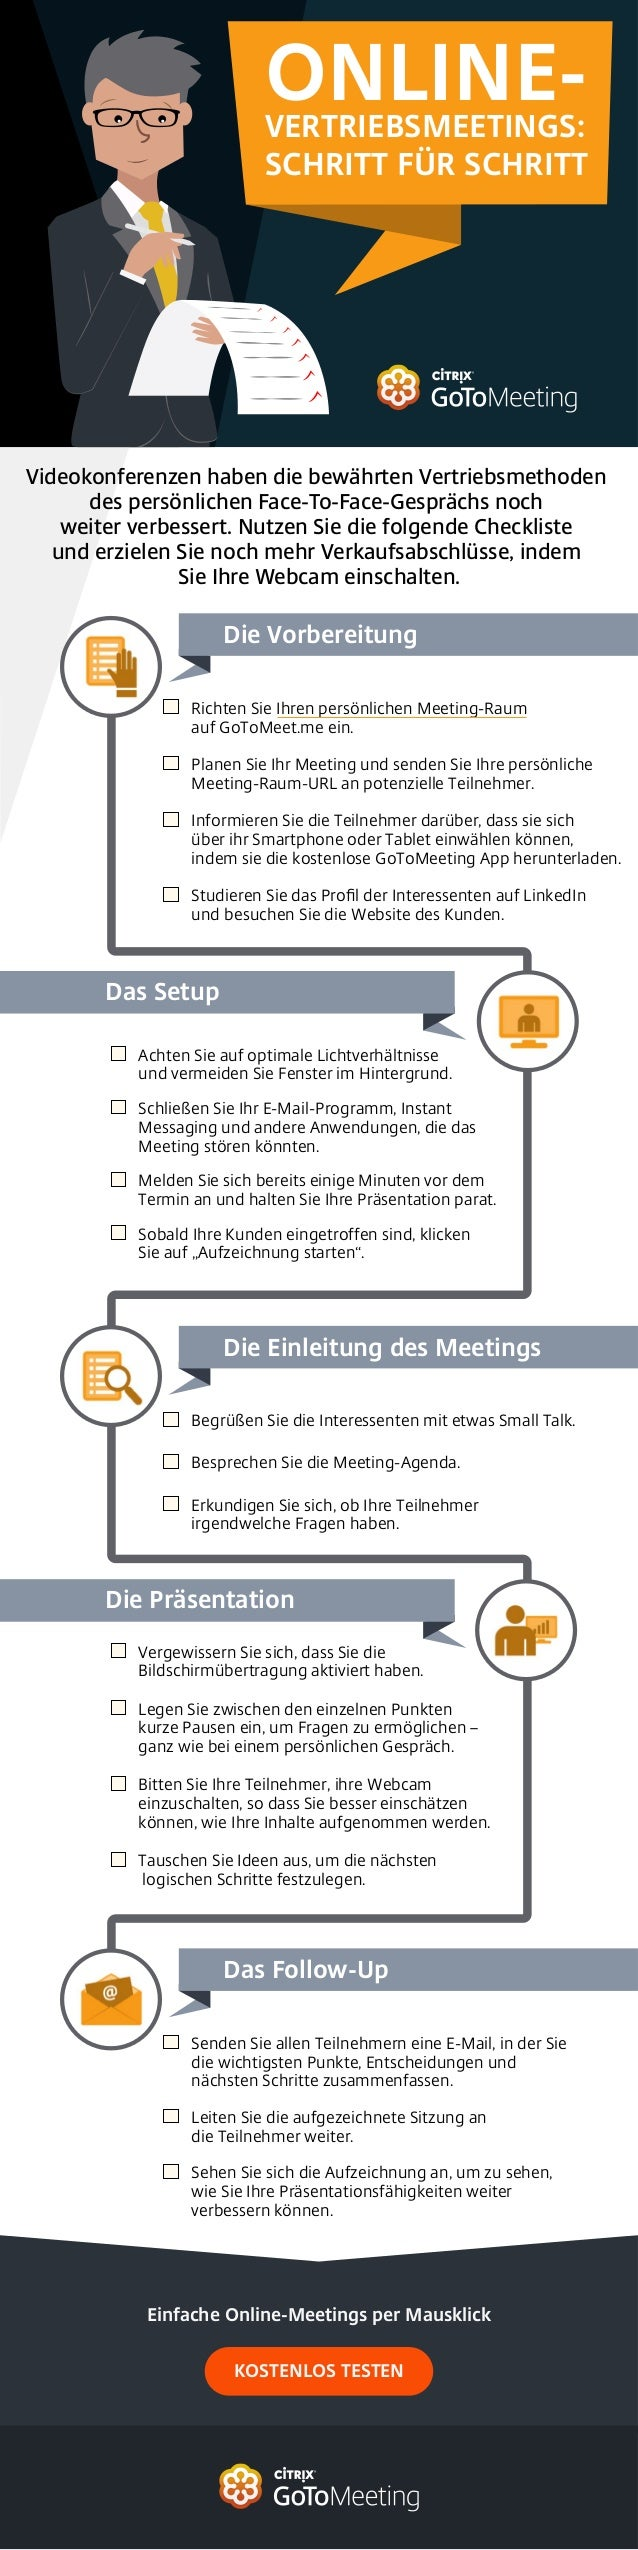 Einfache Online-Meetings per Mausklick KOSTENLOS TESTEN Das Setup Die Präsentation Die Vorbereitung Achten Sie auf optimal...